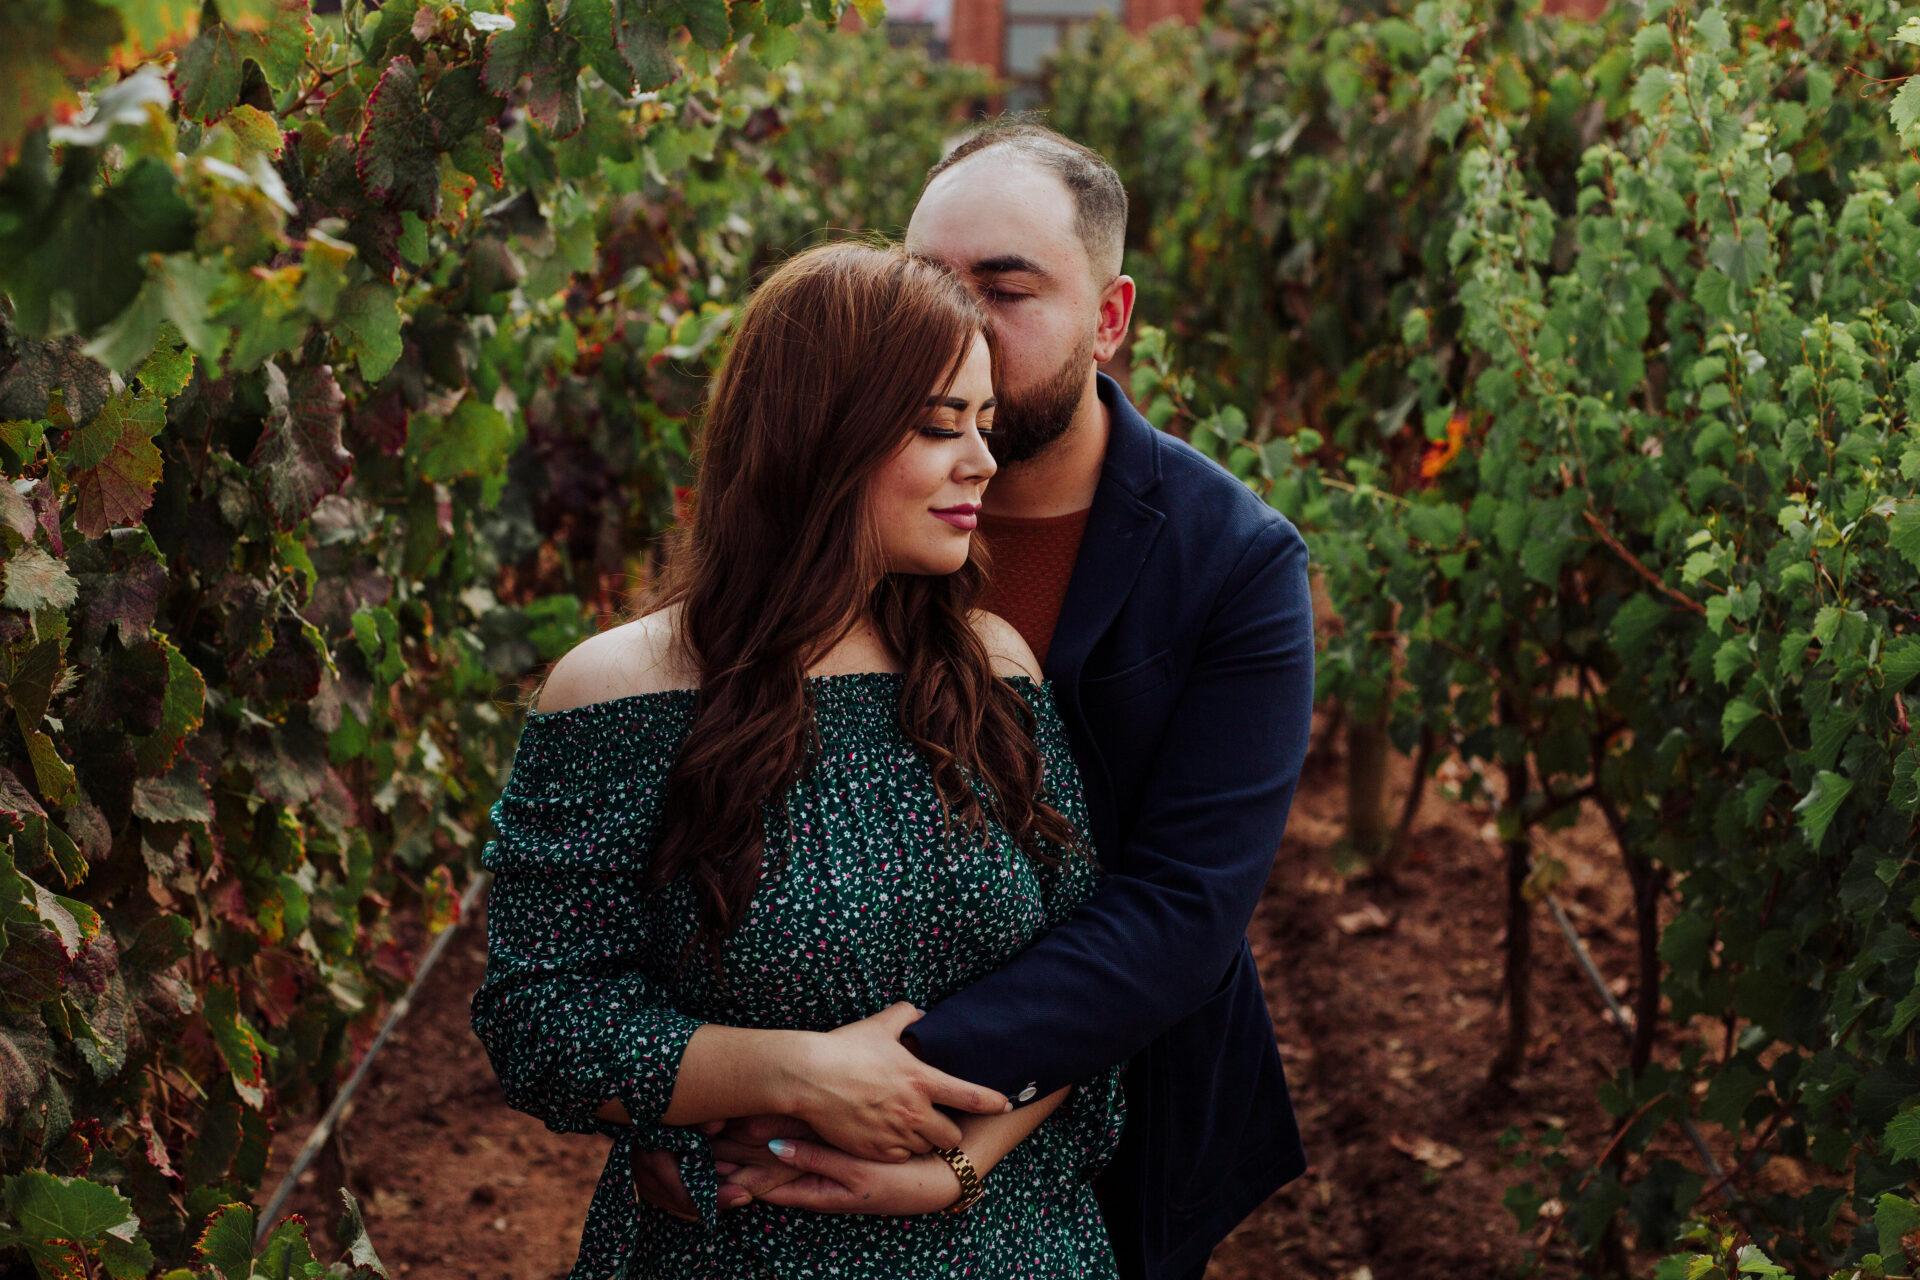 javier_noriega_fotografo_save_the_date_tierra_adentro_zacatecas_wedding_photographer4